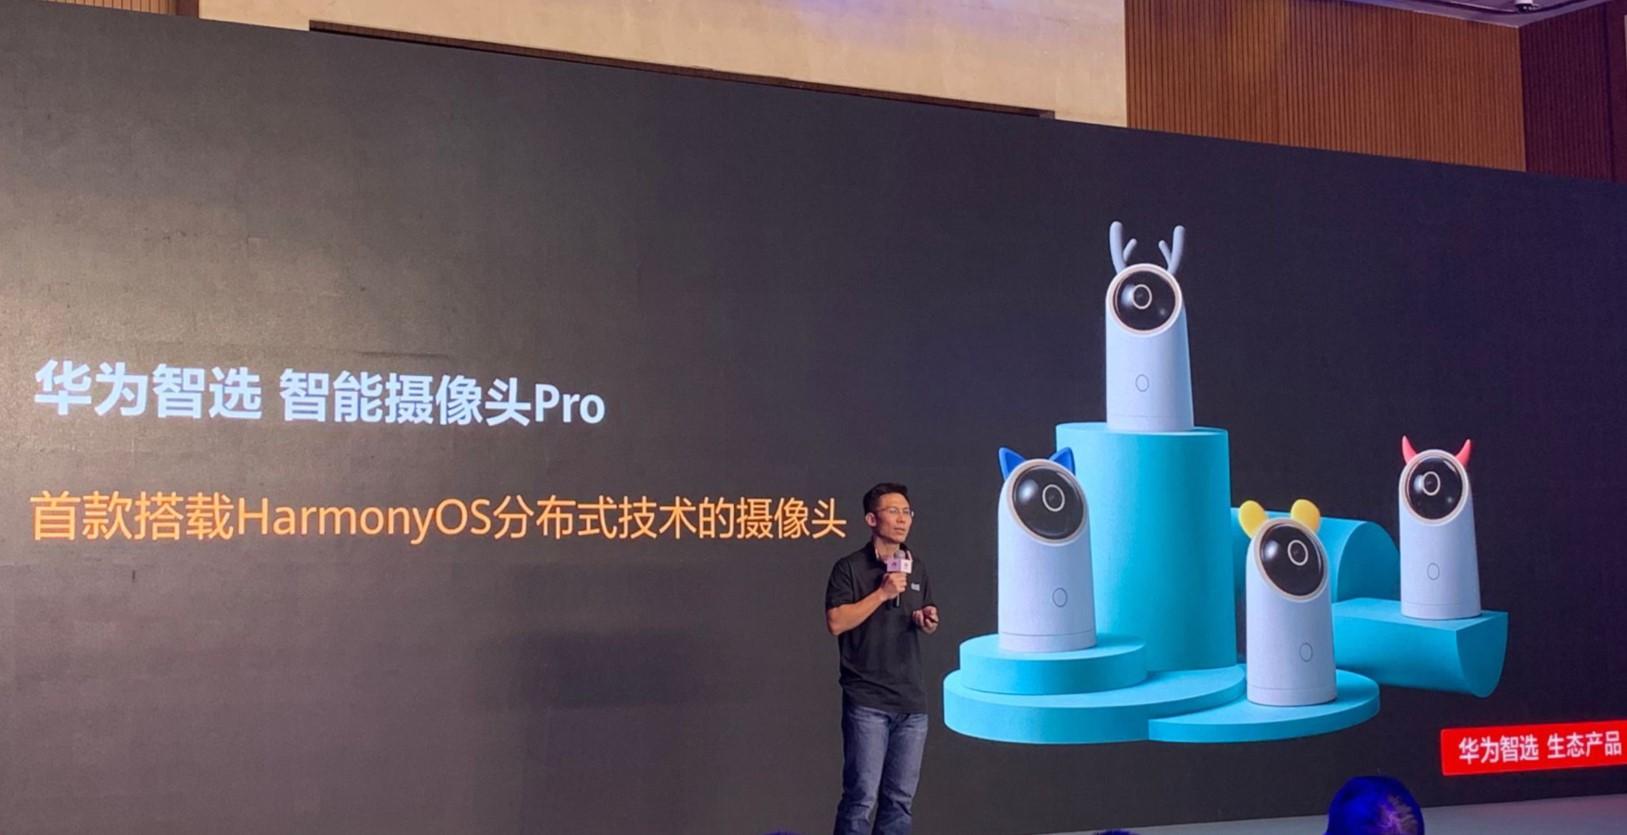 华为智选智能摄像头Pro发布:支持鸿蒙OS技术、